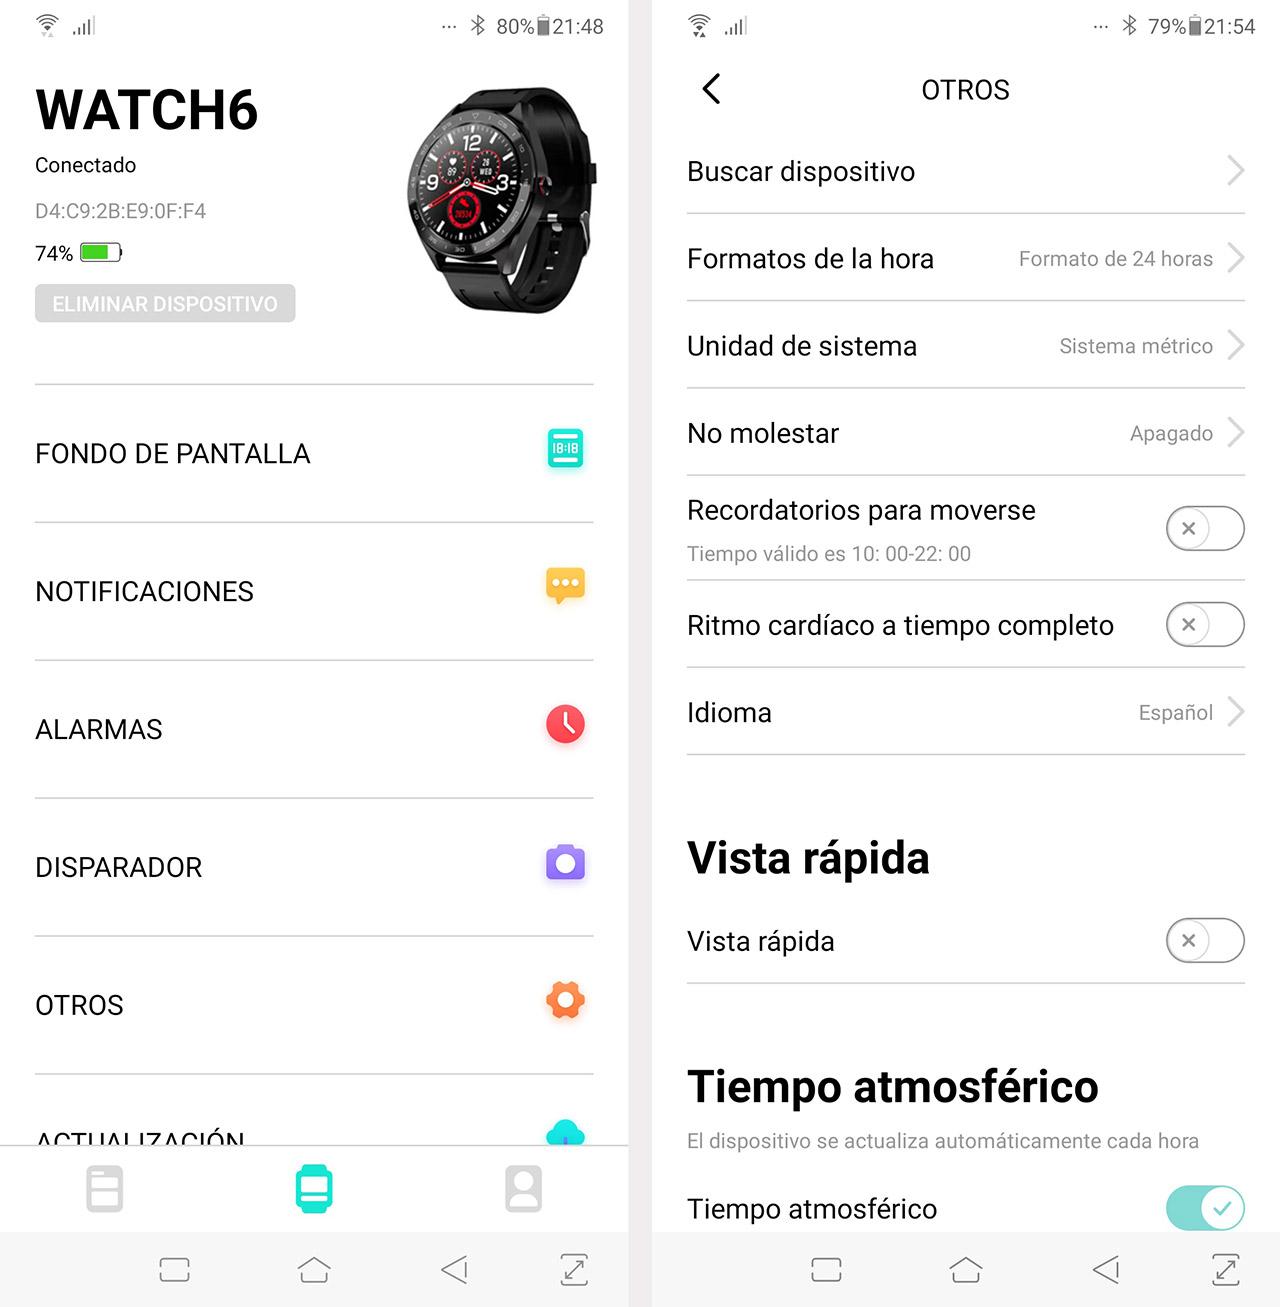 Aplicación para el móvil smartwatch Fobase 6 Pro